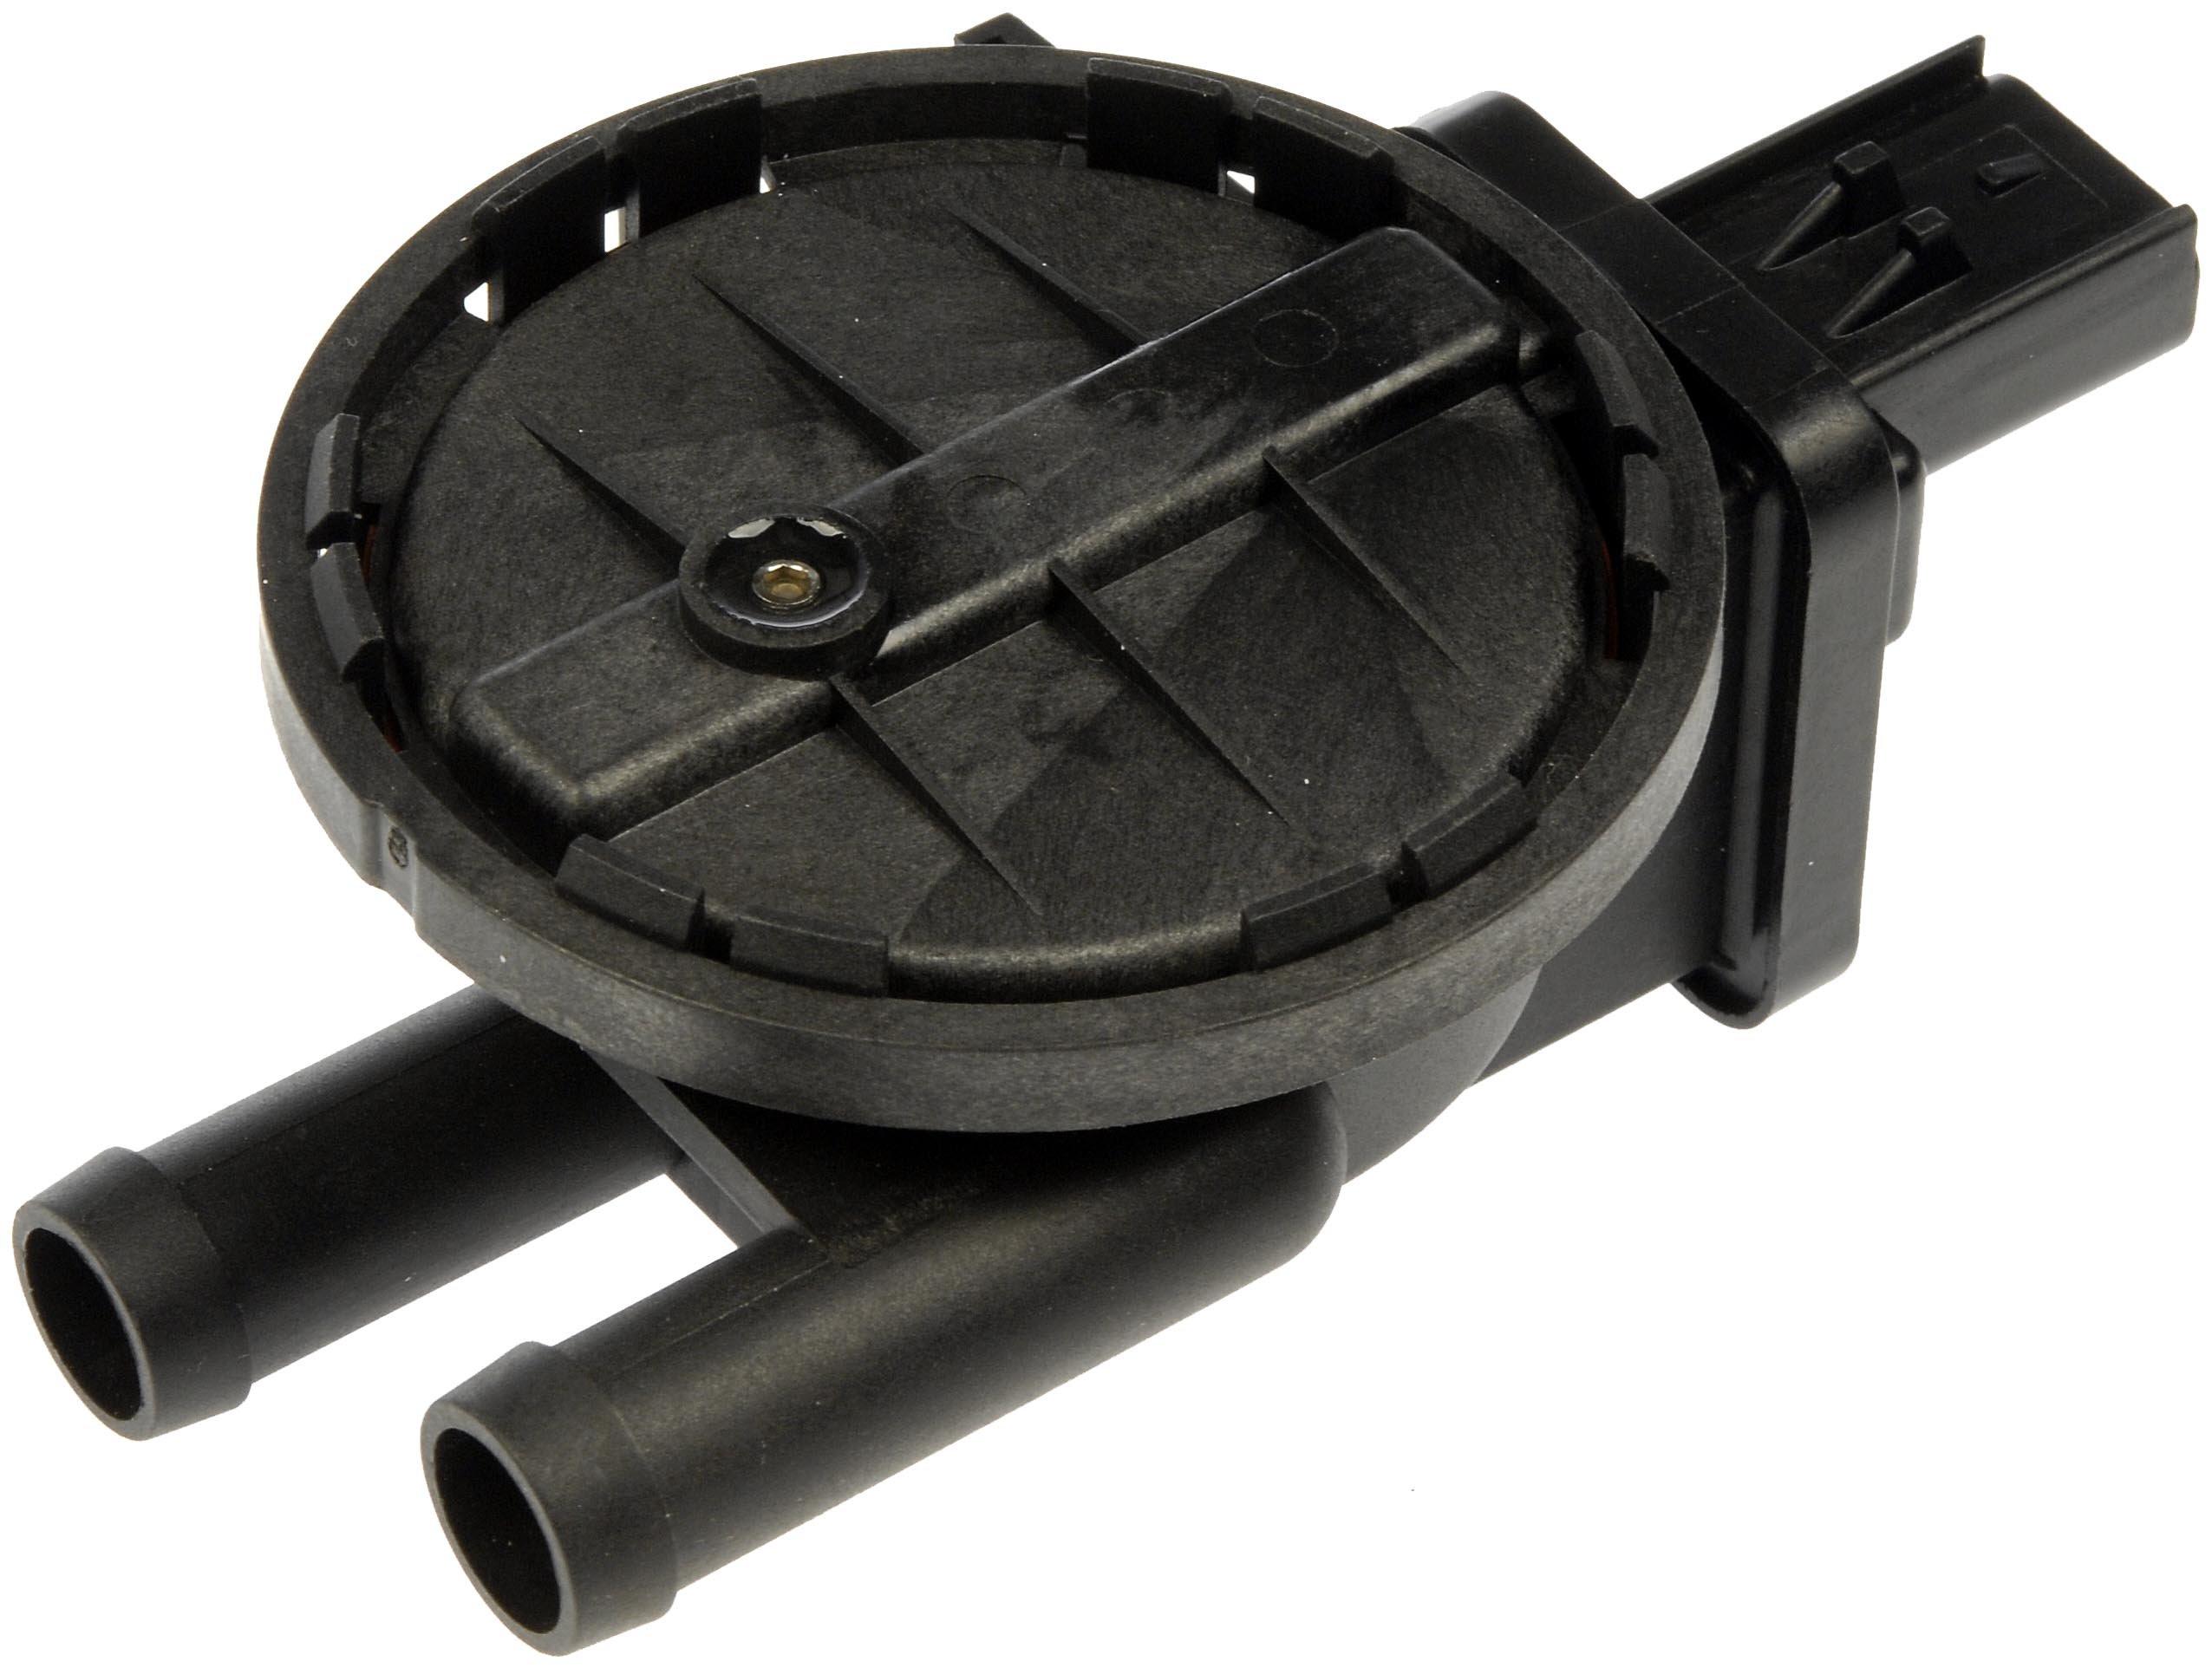 Best Rated In Automotive Performance Fuel Pumps Accessories Edelbrock 1721 Pump Dorman 310 500 Leak Detection Product Image